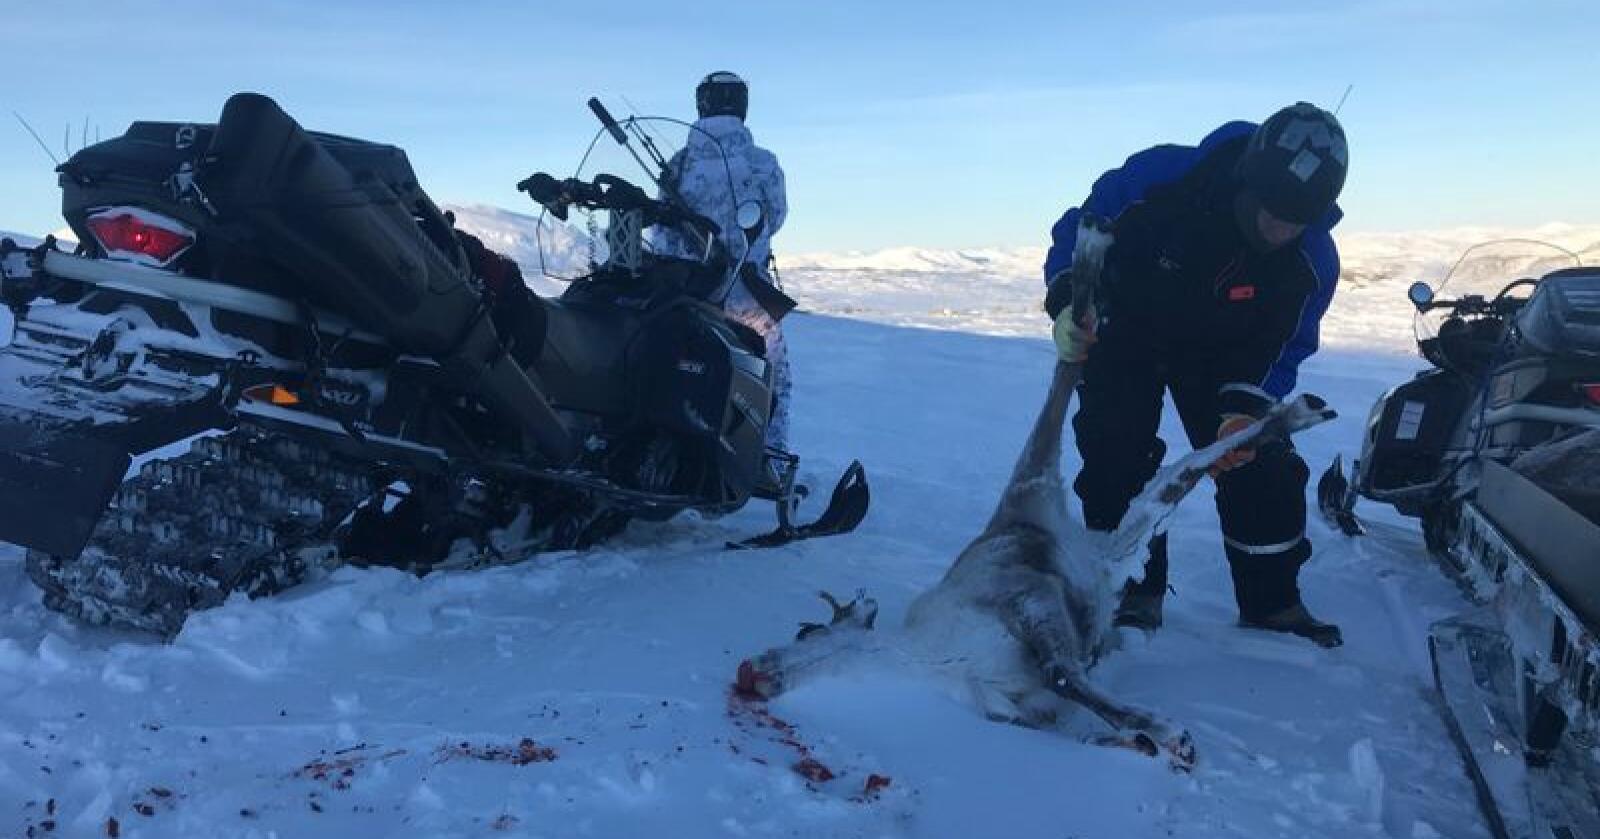 Etter seks uker med statlig jakt av villrein i Nordfjella i vinter var 531 dyr felt. Da gjensto fremdeles om lag 1.000 rein i stammen, som skal utryddes helt. Foto: Sondre Dalaker / NRK / NTB scanpix